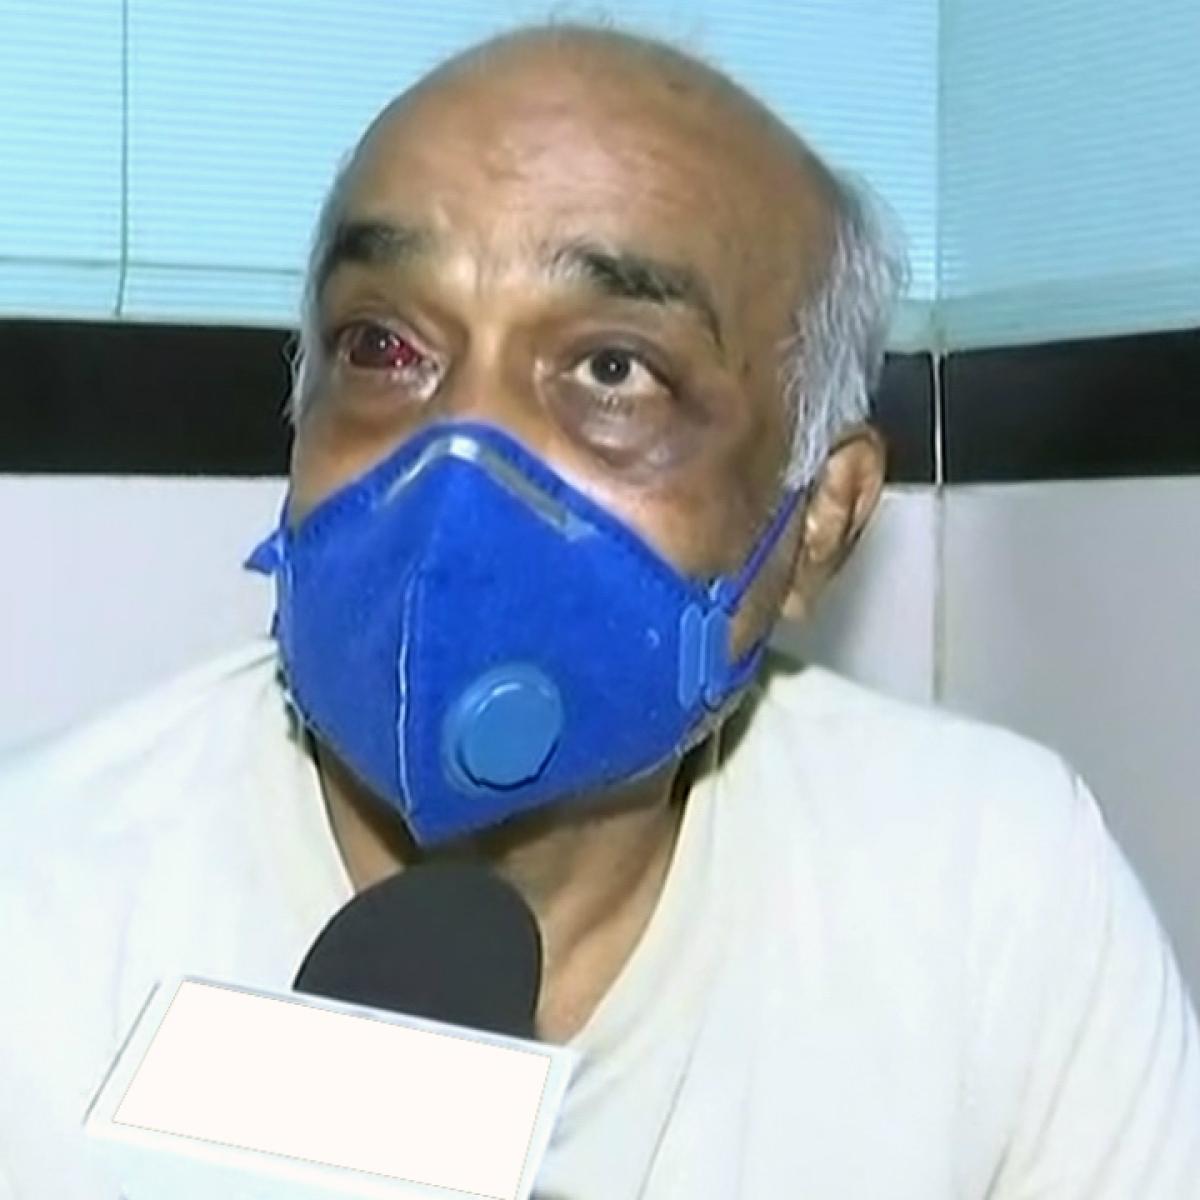 Mumbai: 6 Shiv sainiks who hit ex-Navy officer get bail